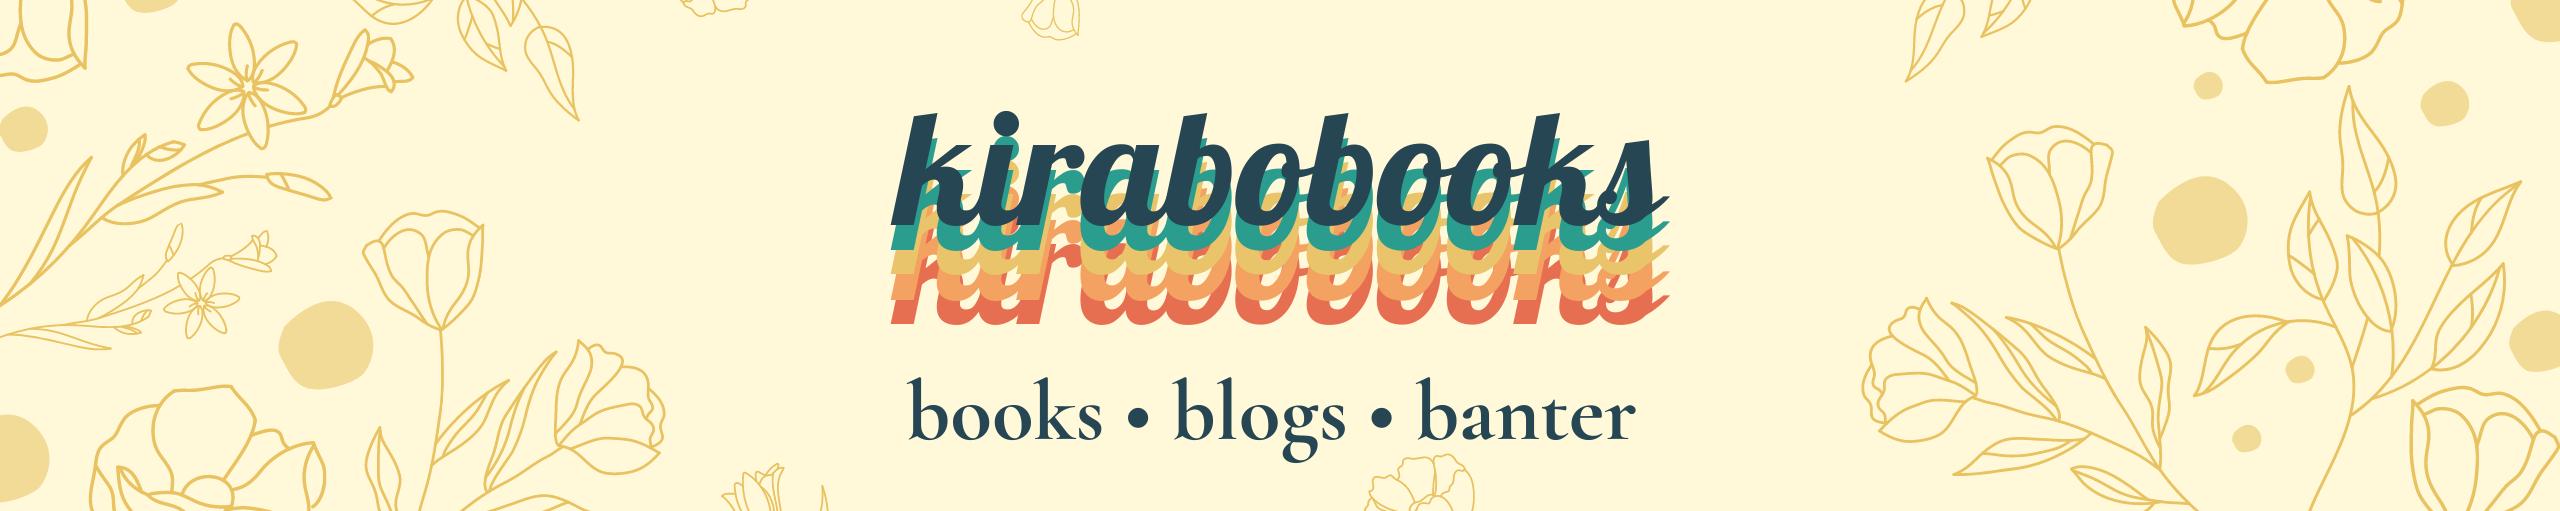 kirabobooks